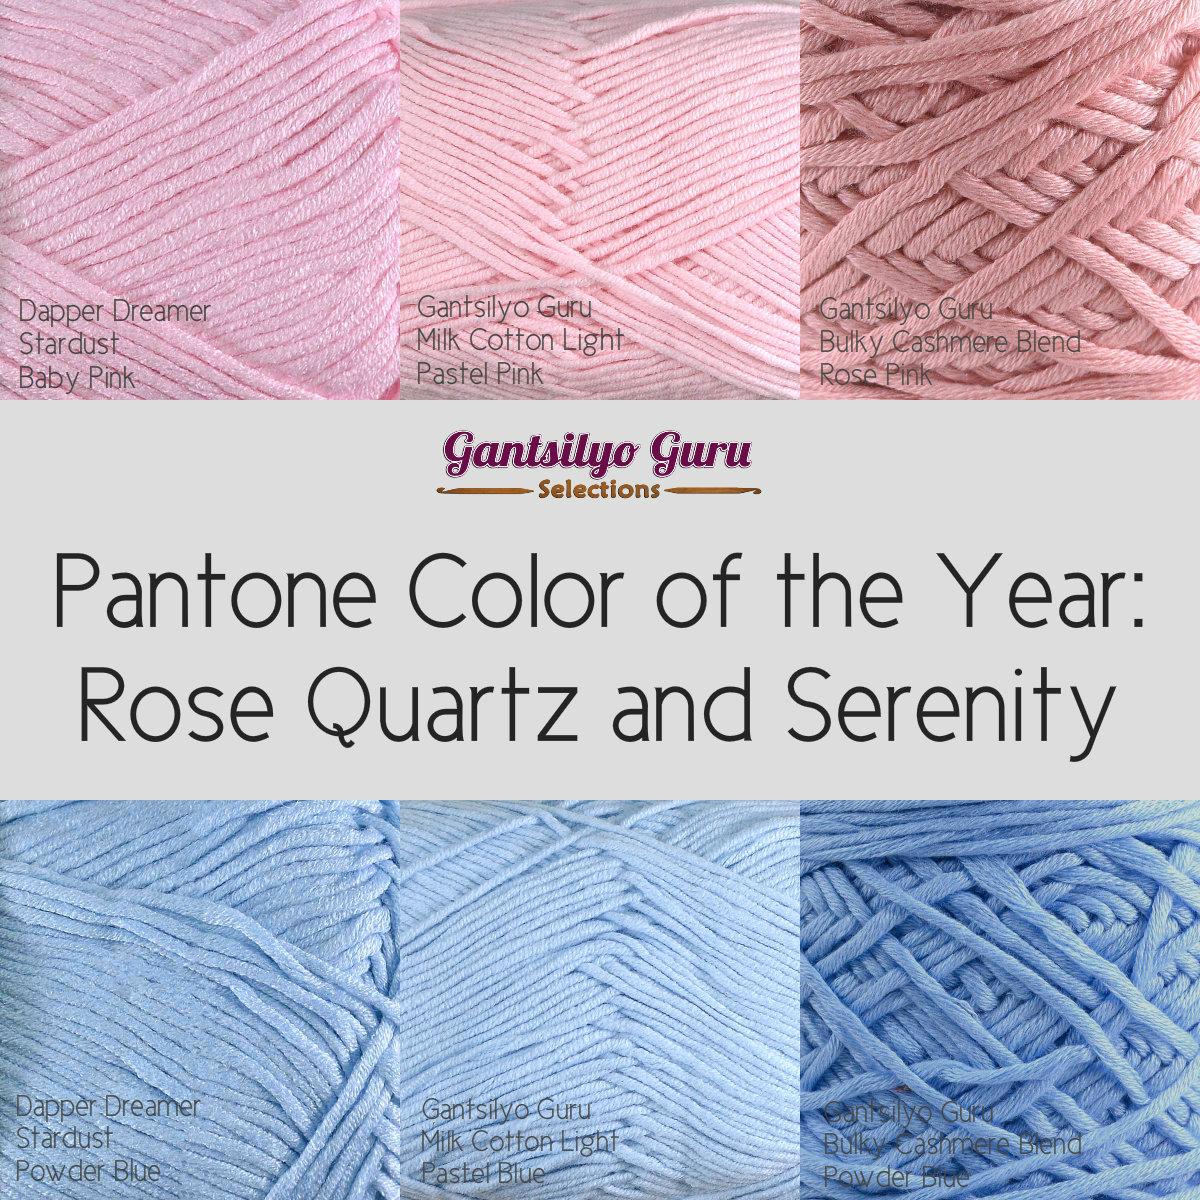 Pantone 2016: Gantsilyo Guru: Pantone Color Of The Year For 2016